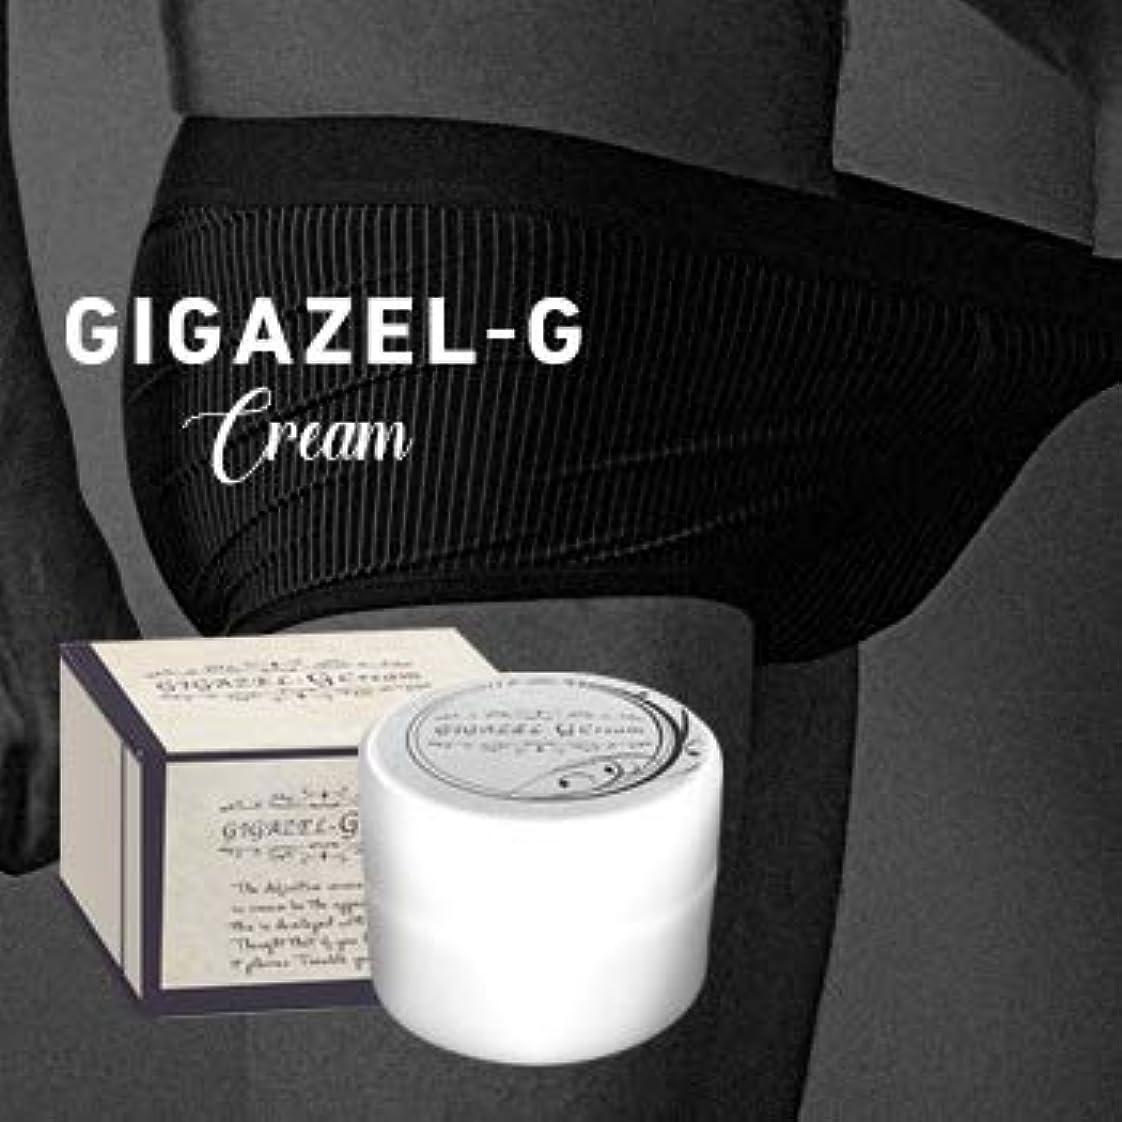 オゾン太鼓腹デマンドGIGAZEL-G-Cream(ギガゼルGクリーム)~男性用ボディクリーム~